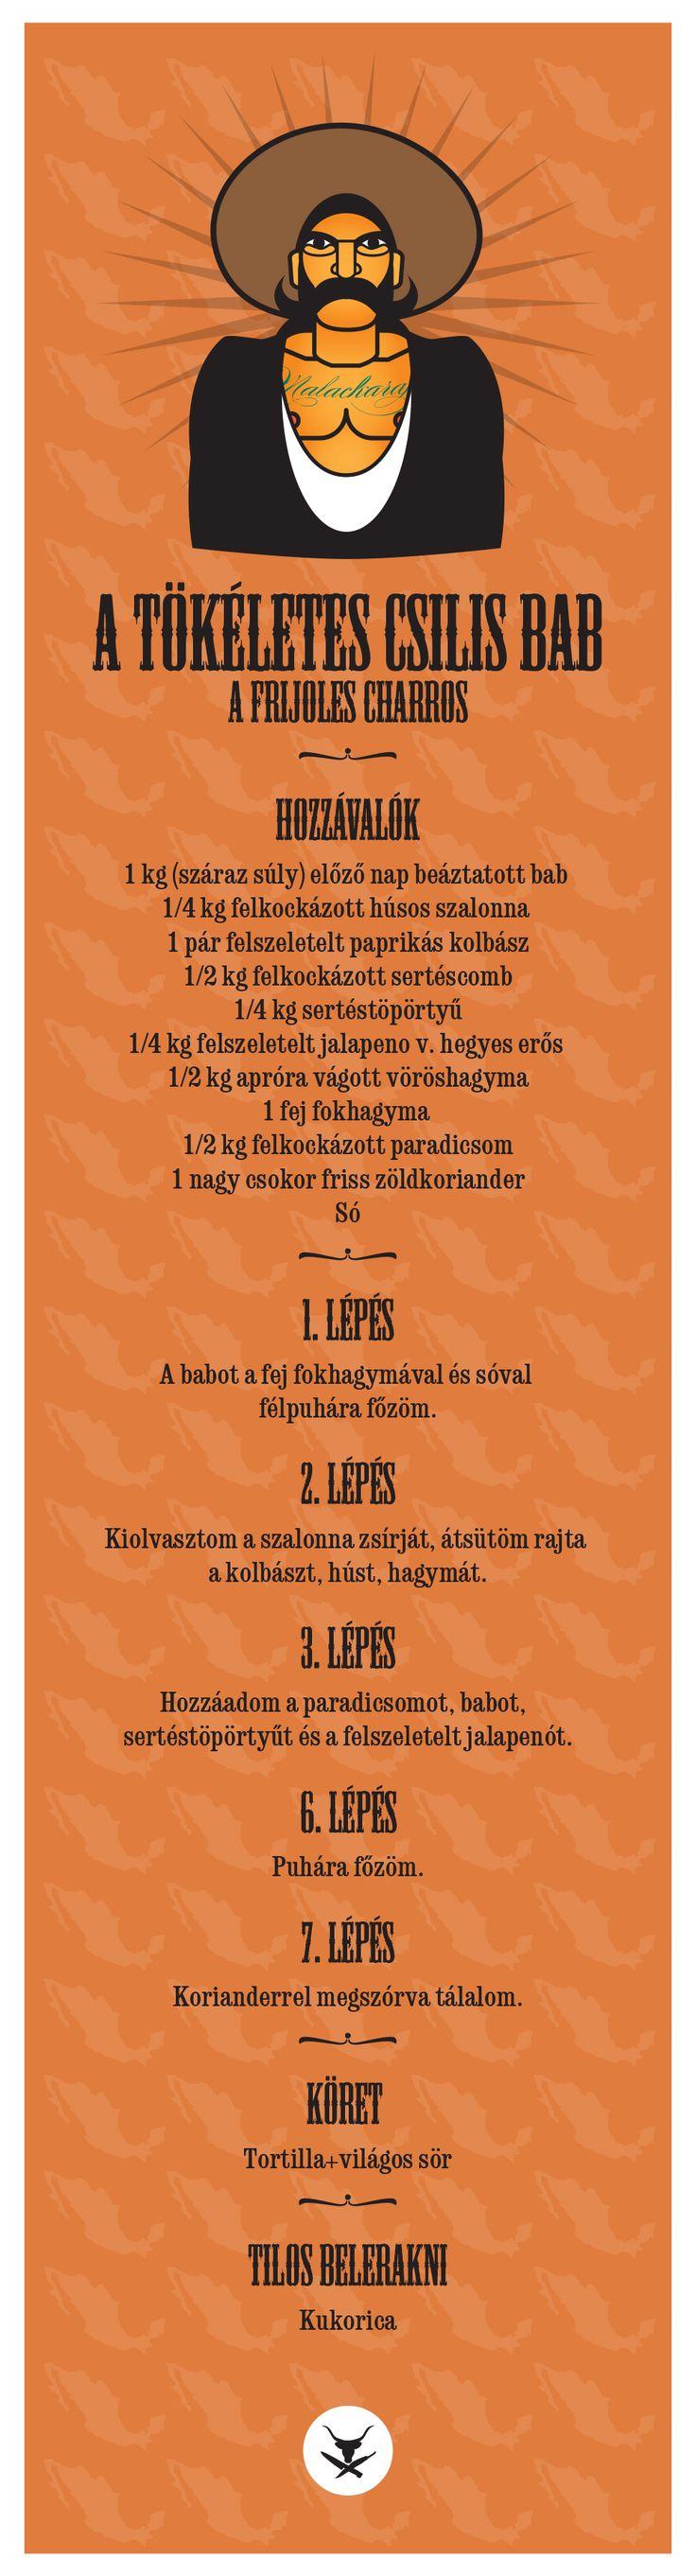 Minden magyar férfinak van egy receptje rá, de nagy részük kukoricás pörköltet, vagy bablevest főz helyette, csak csilis babnak nevezi a kotyvalékot. Ez itt a mexikói ős, csupa cubákos hús, bab, paradicsom, koriander és csípés, semmi gringó